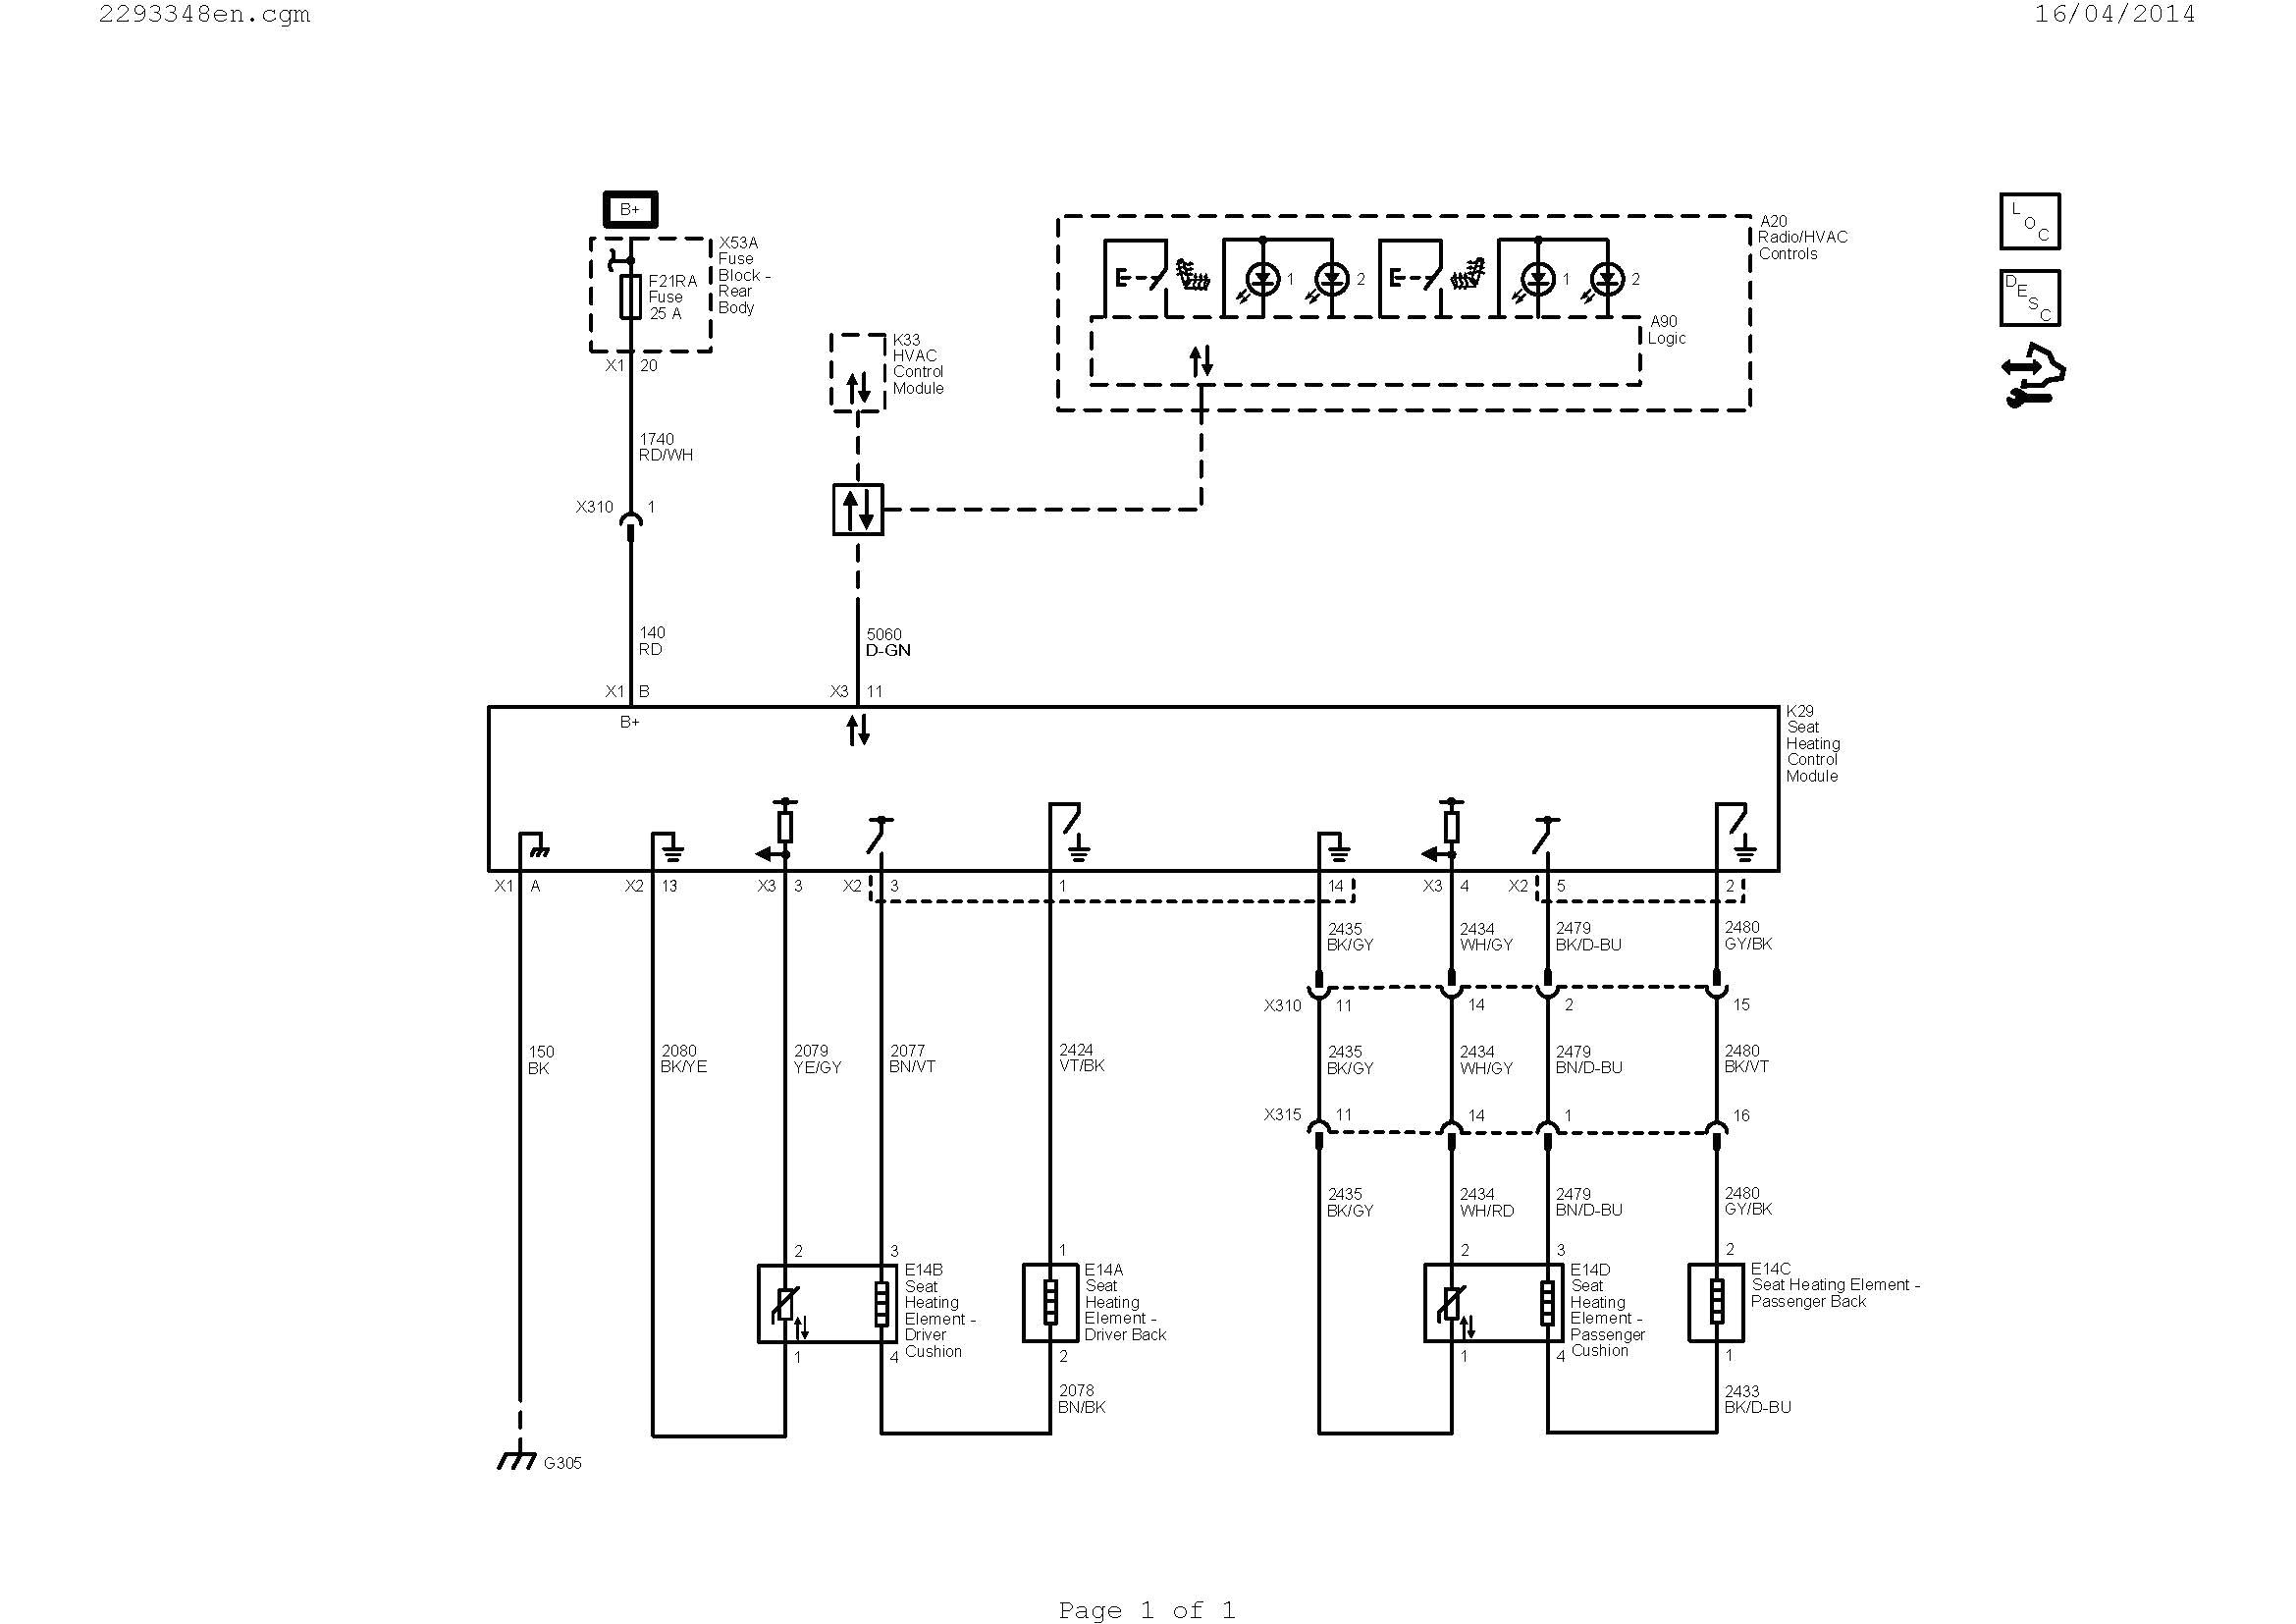 heidenhain steuerung download kostenlos models heidenhain encoder wiring diagram free downloads connecting